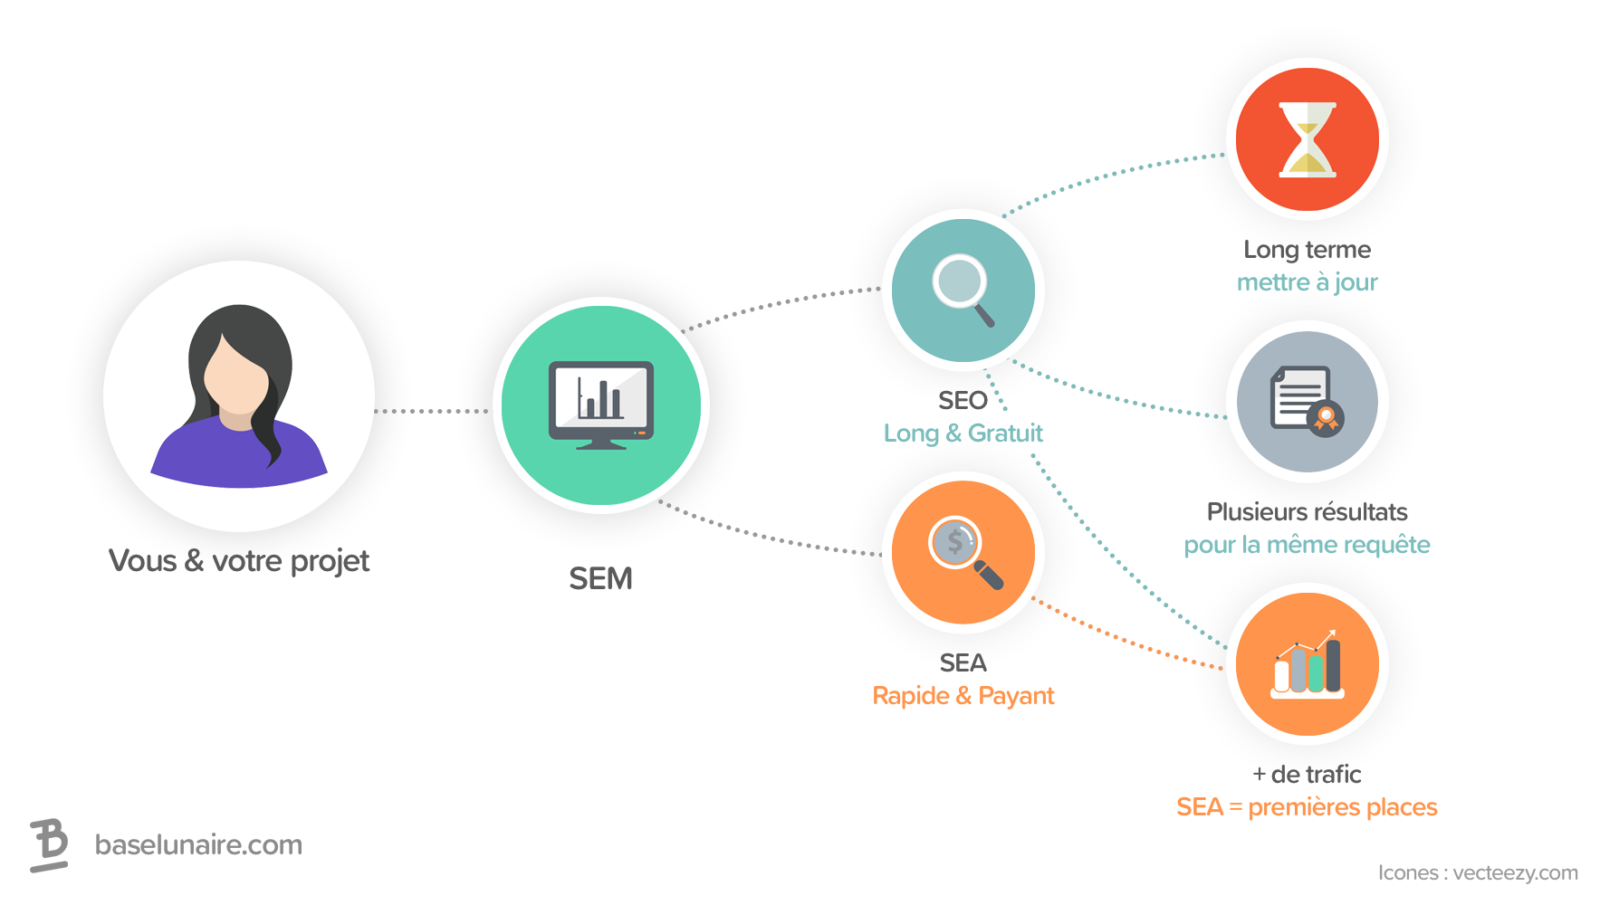 Infographie sur la SEM qui regroupe la SEA et la SEO